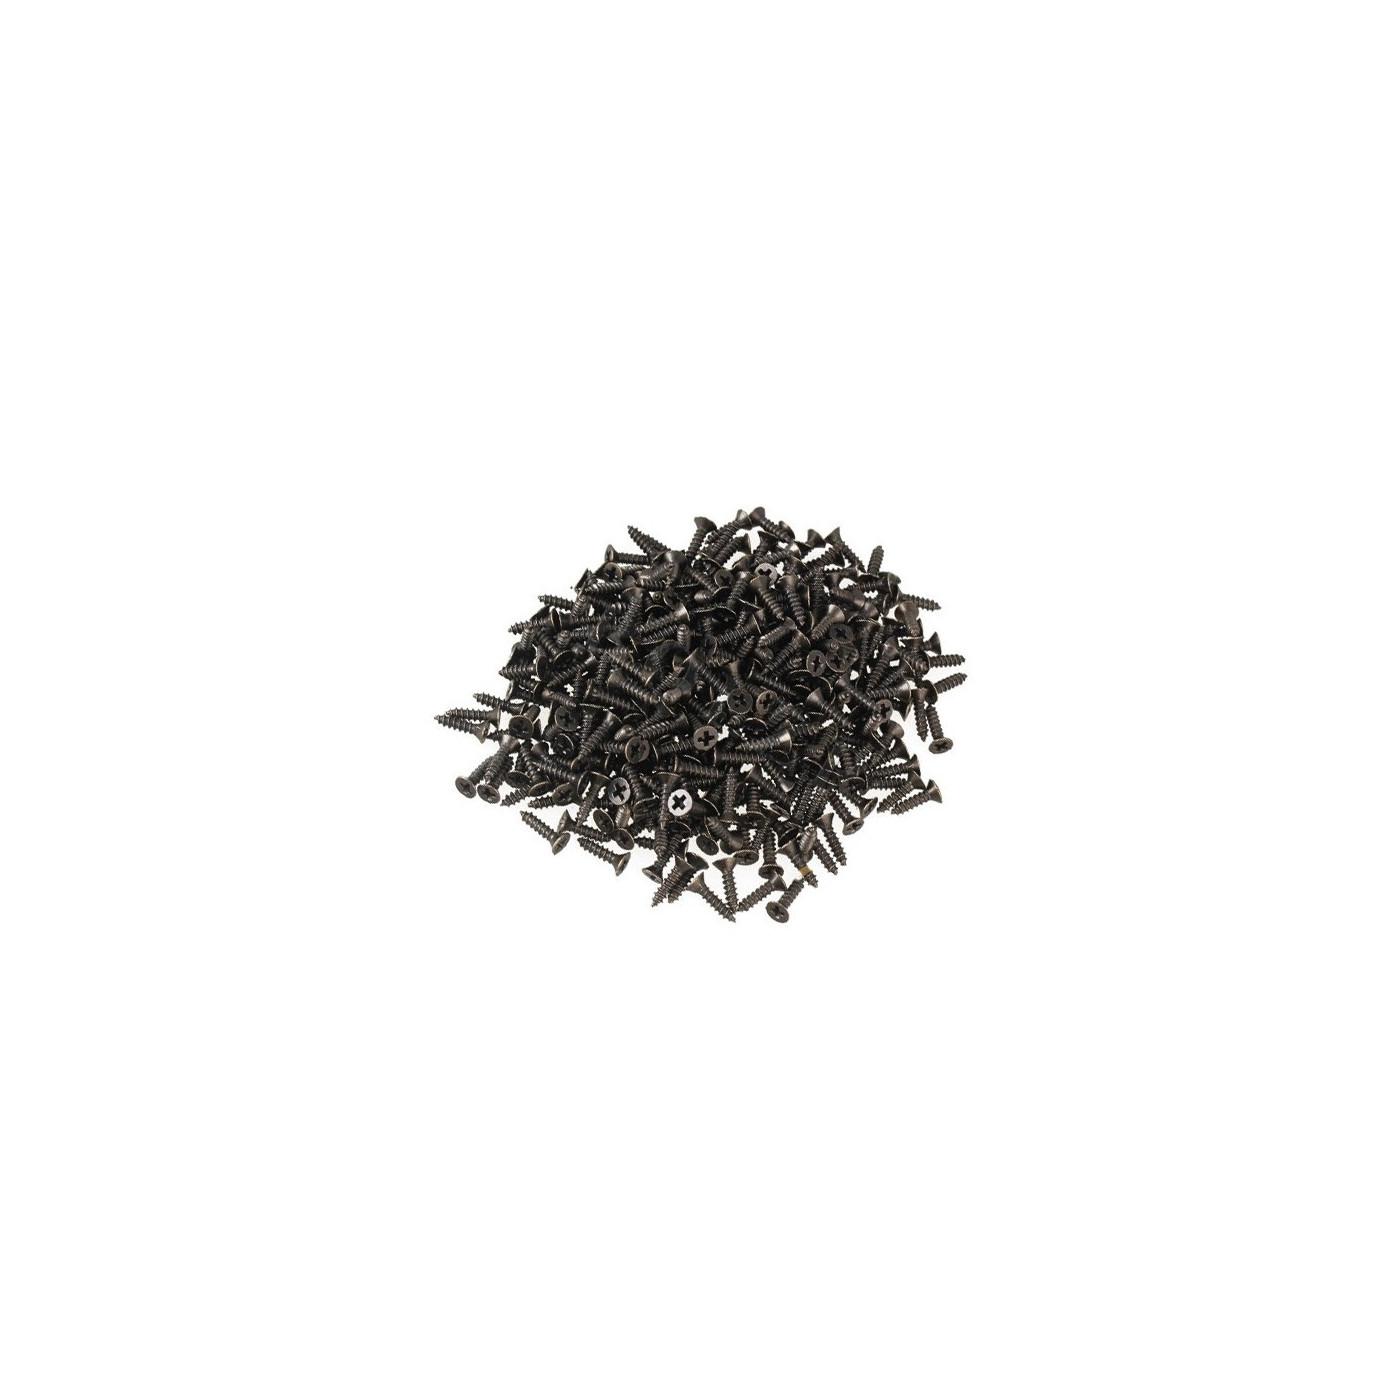 Set van 300 mini schroefjes (2.0x8 mm, verzonken, bronskleur)